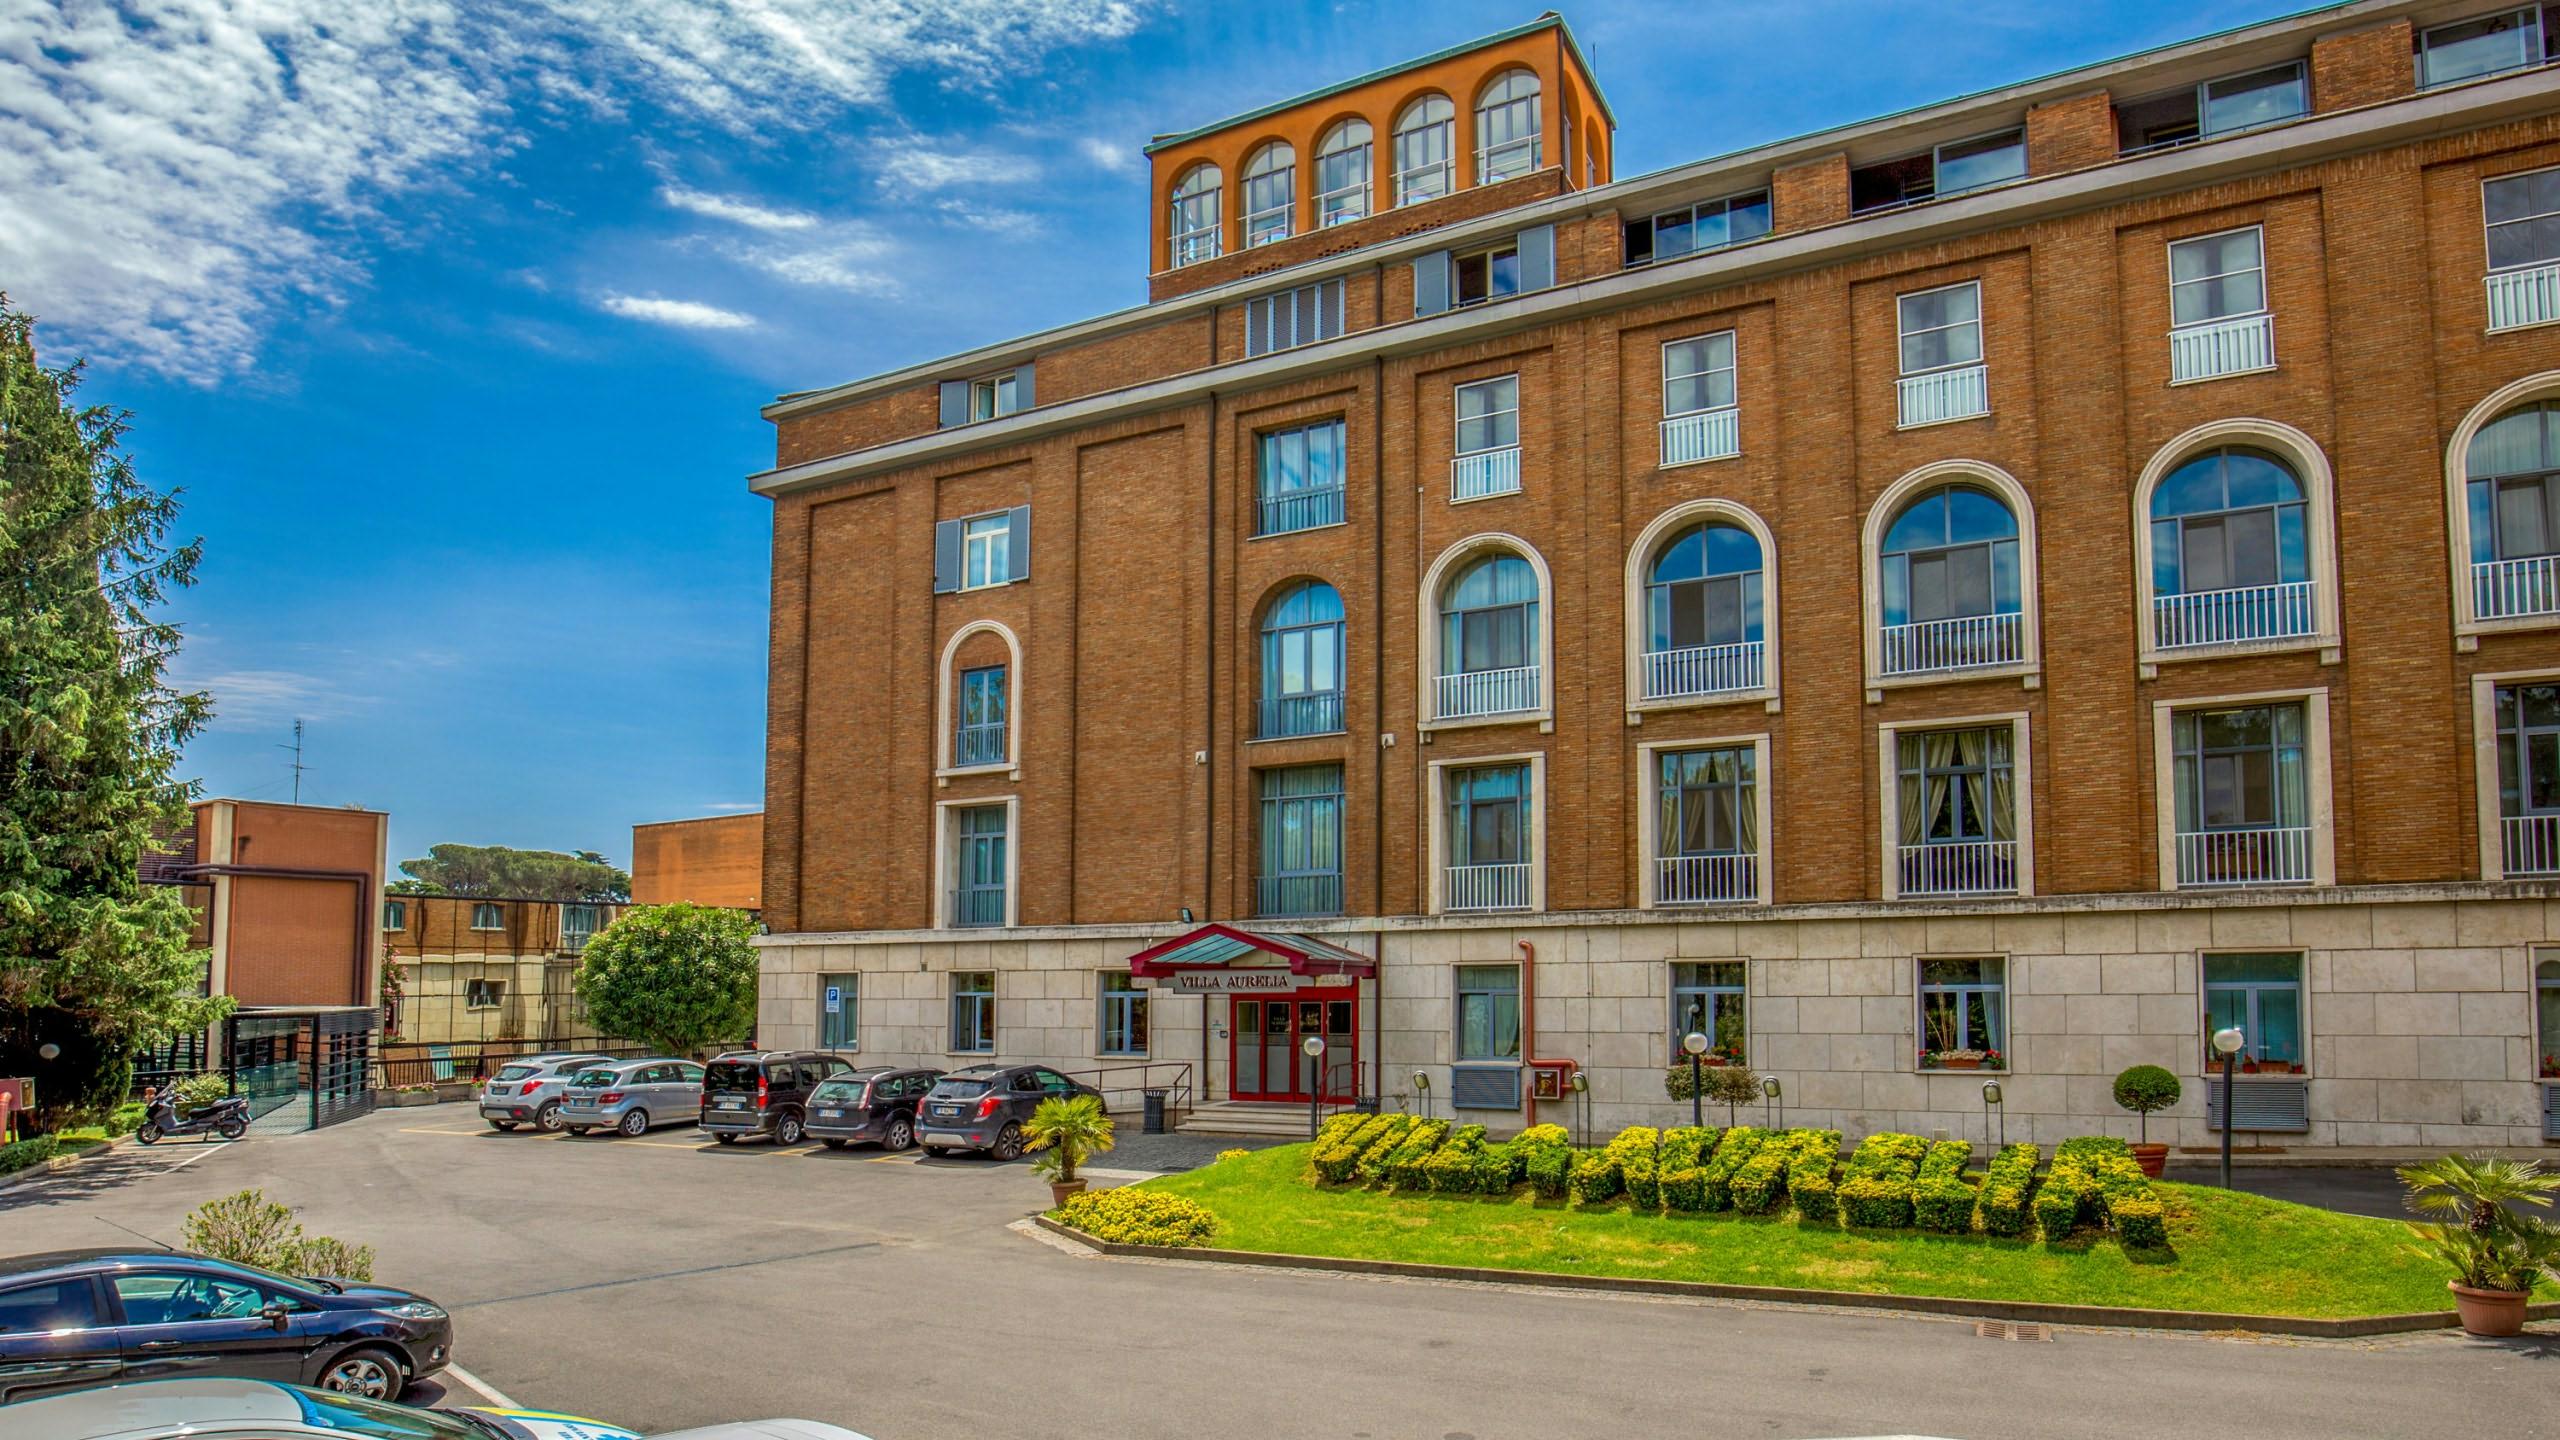 villa-aurelia-hotel-rome-outdoor-01